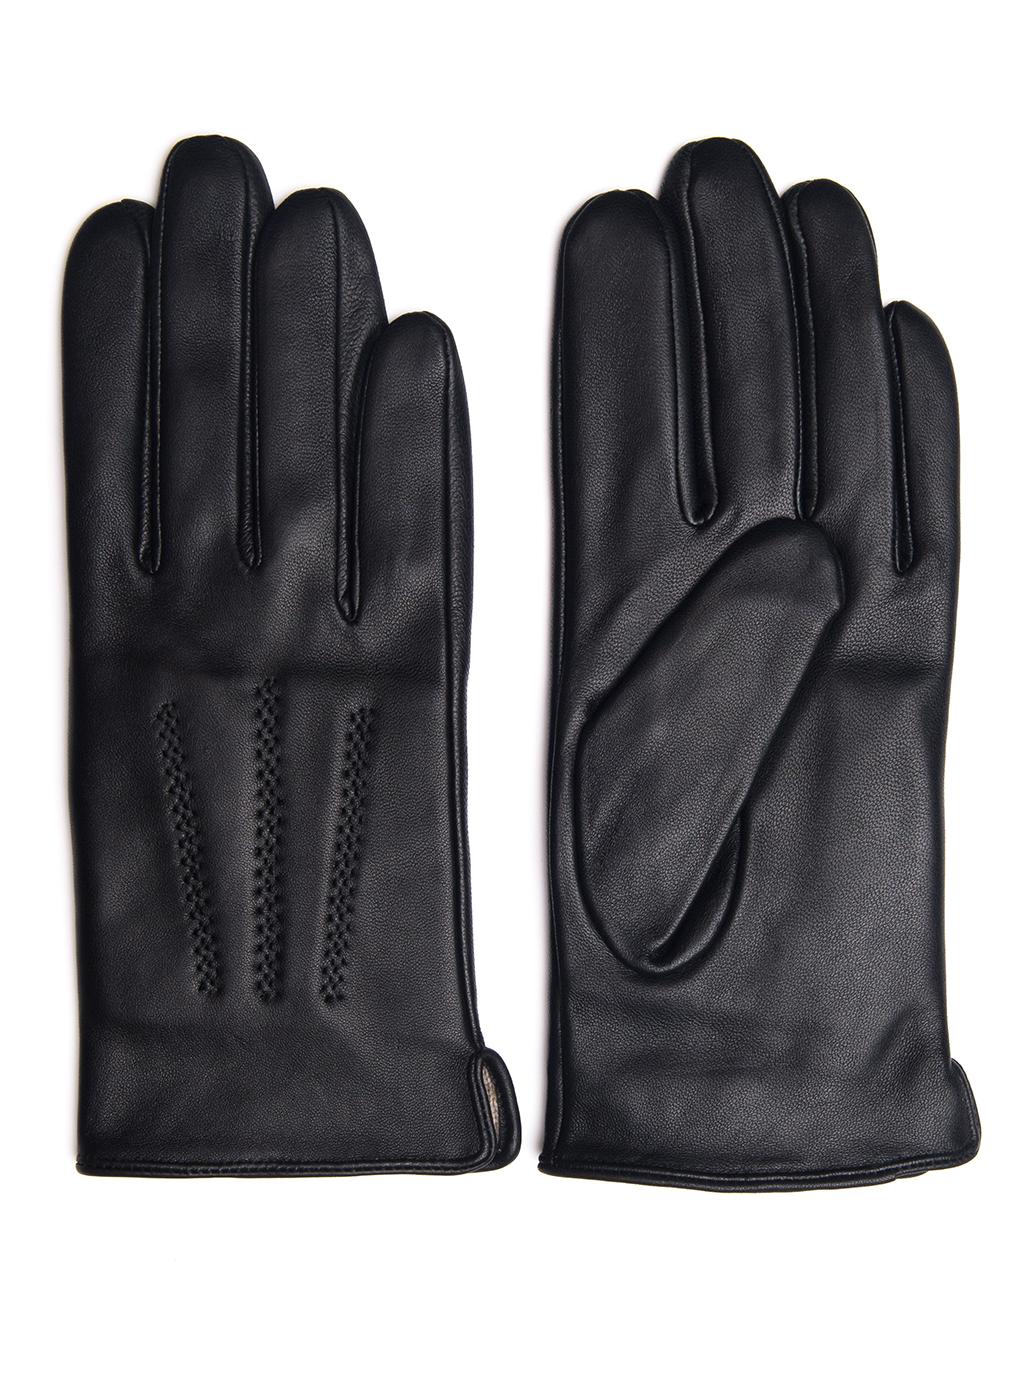 Перчатки кожаные мужские 10, Hannelore фото